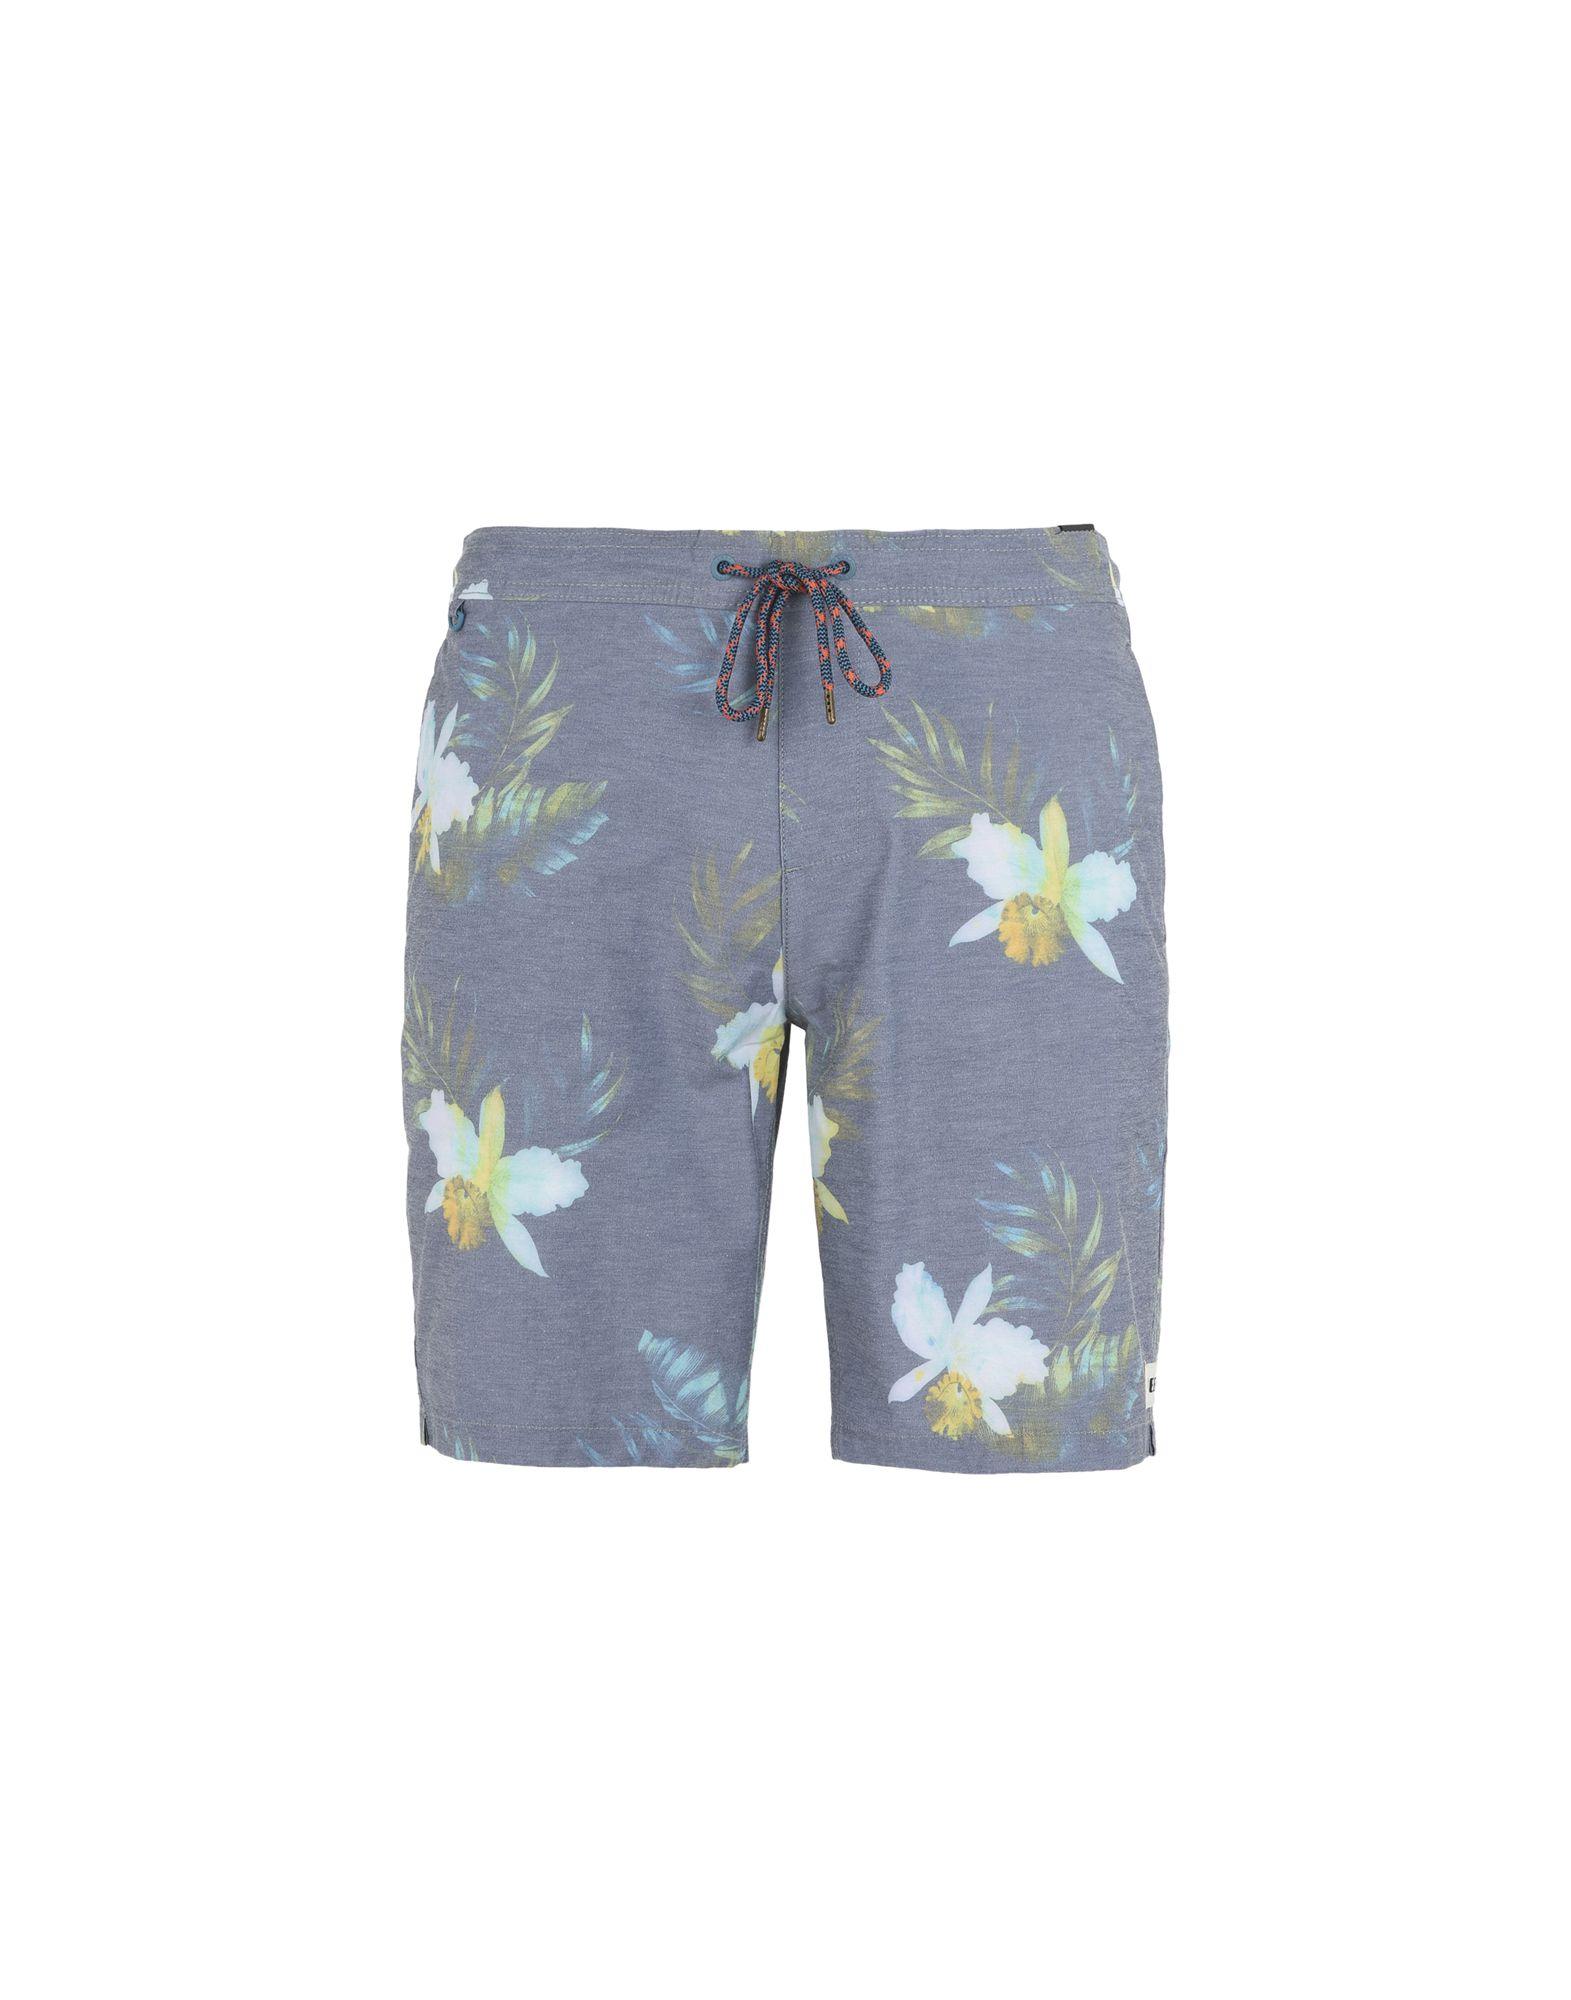 REEF Пляжные брюки и шорты мужские пляжные шорты adgddf surf 546321